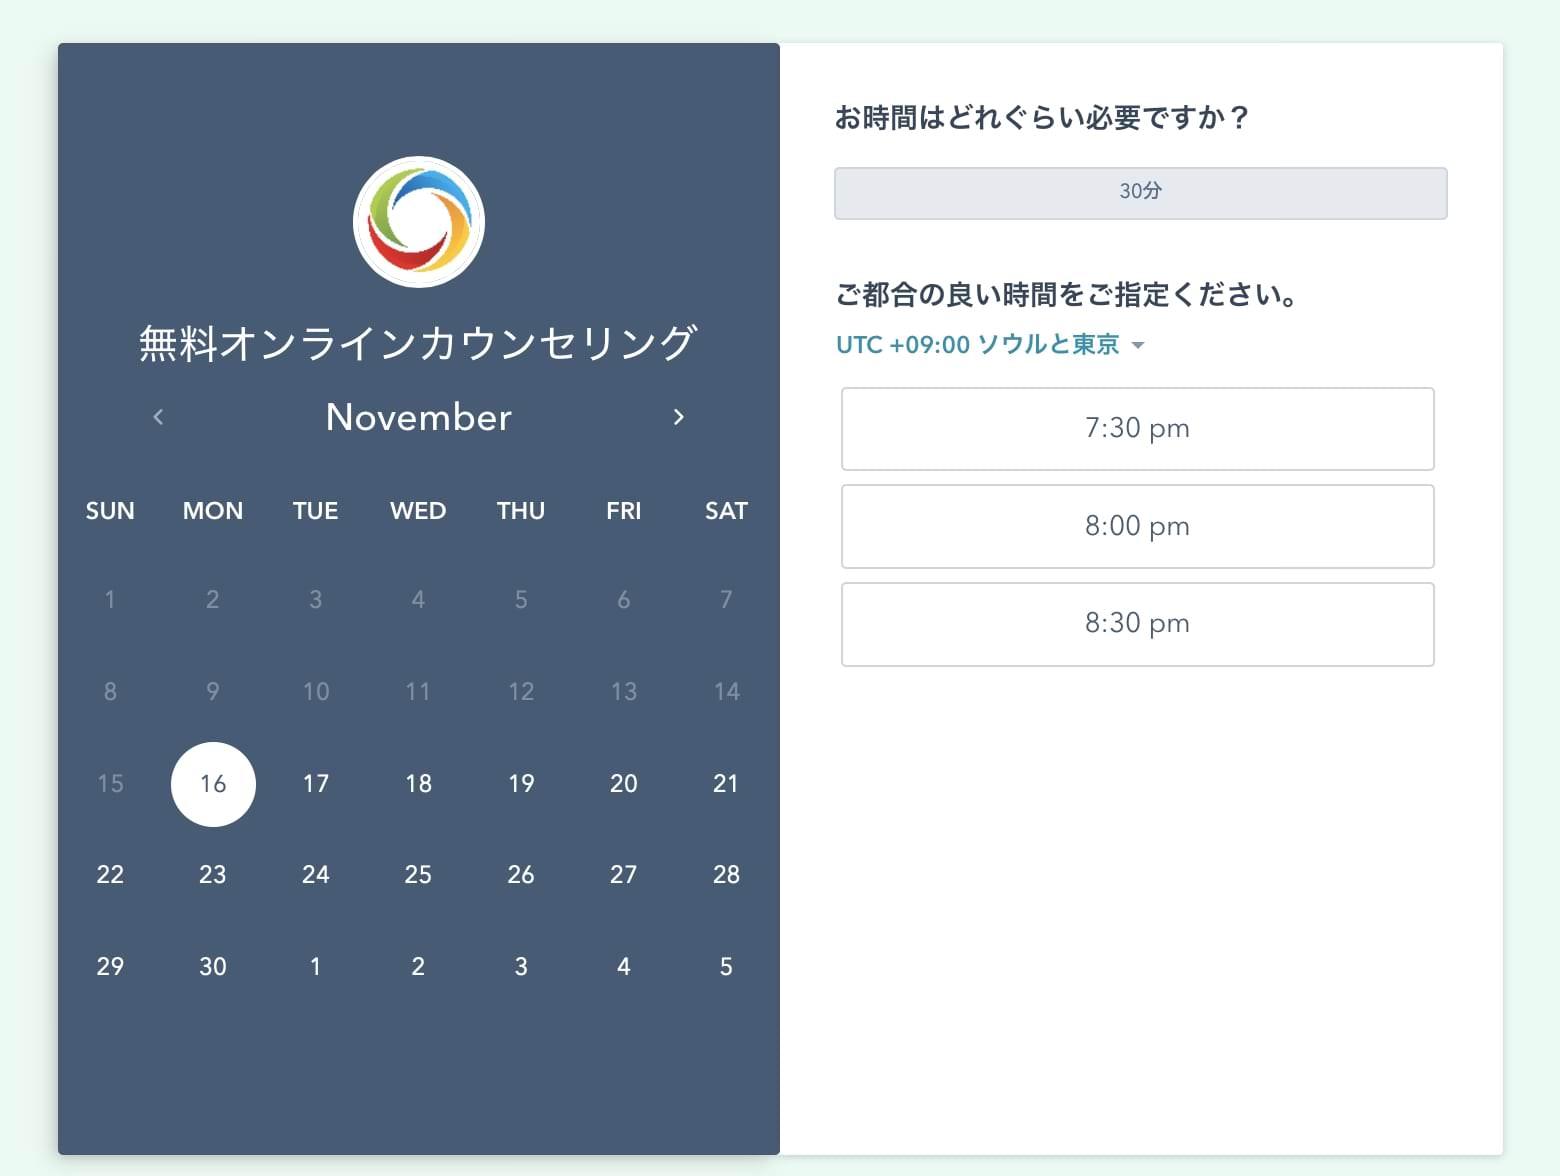 キカガクの無料カウンセリング登録フォームNO1